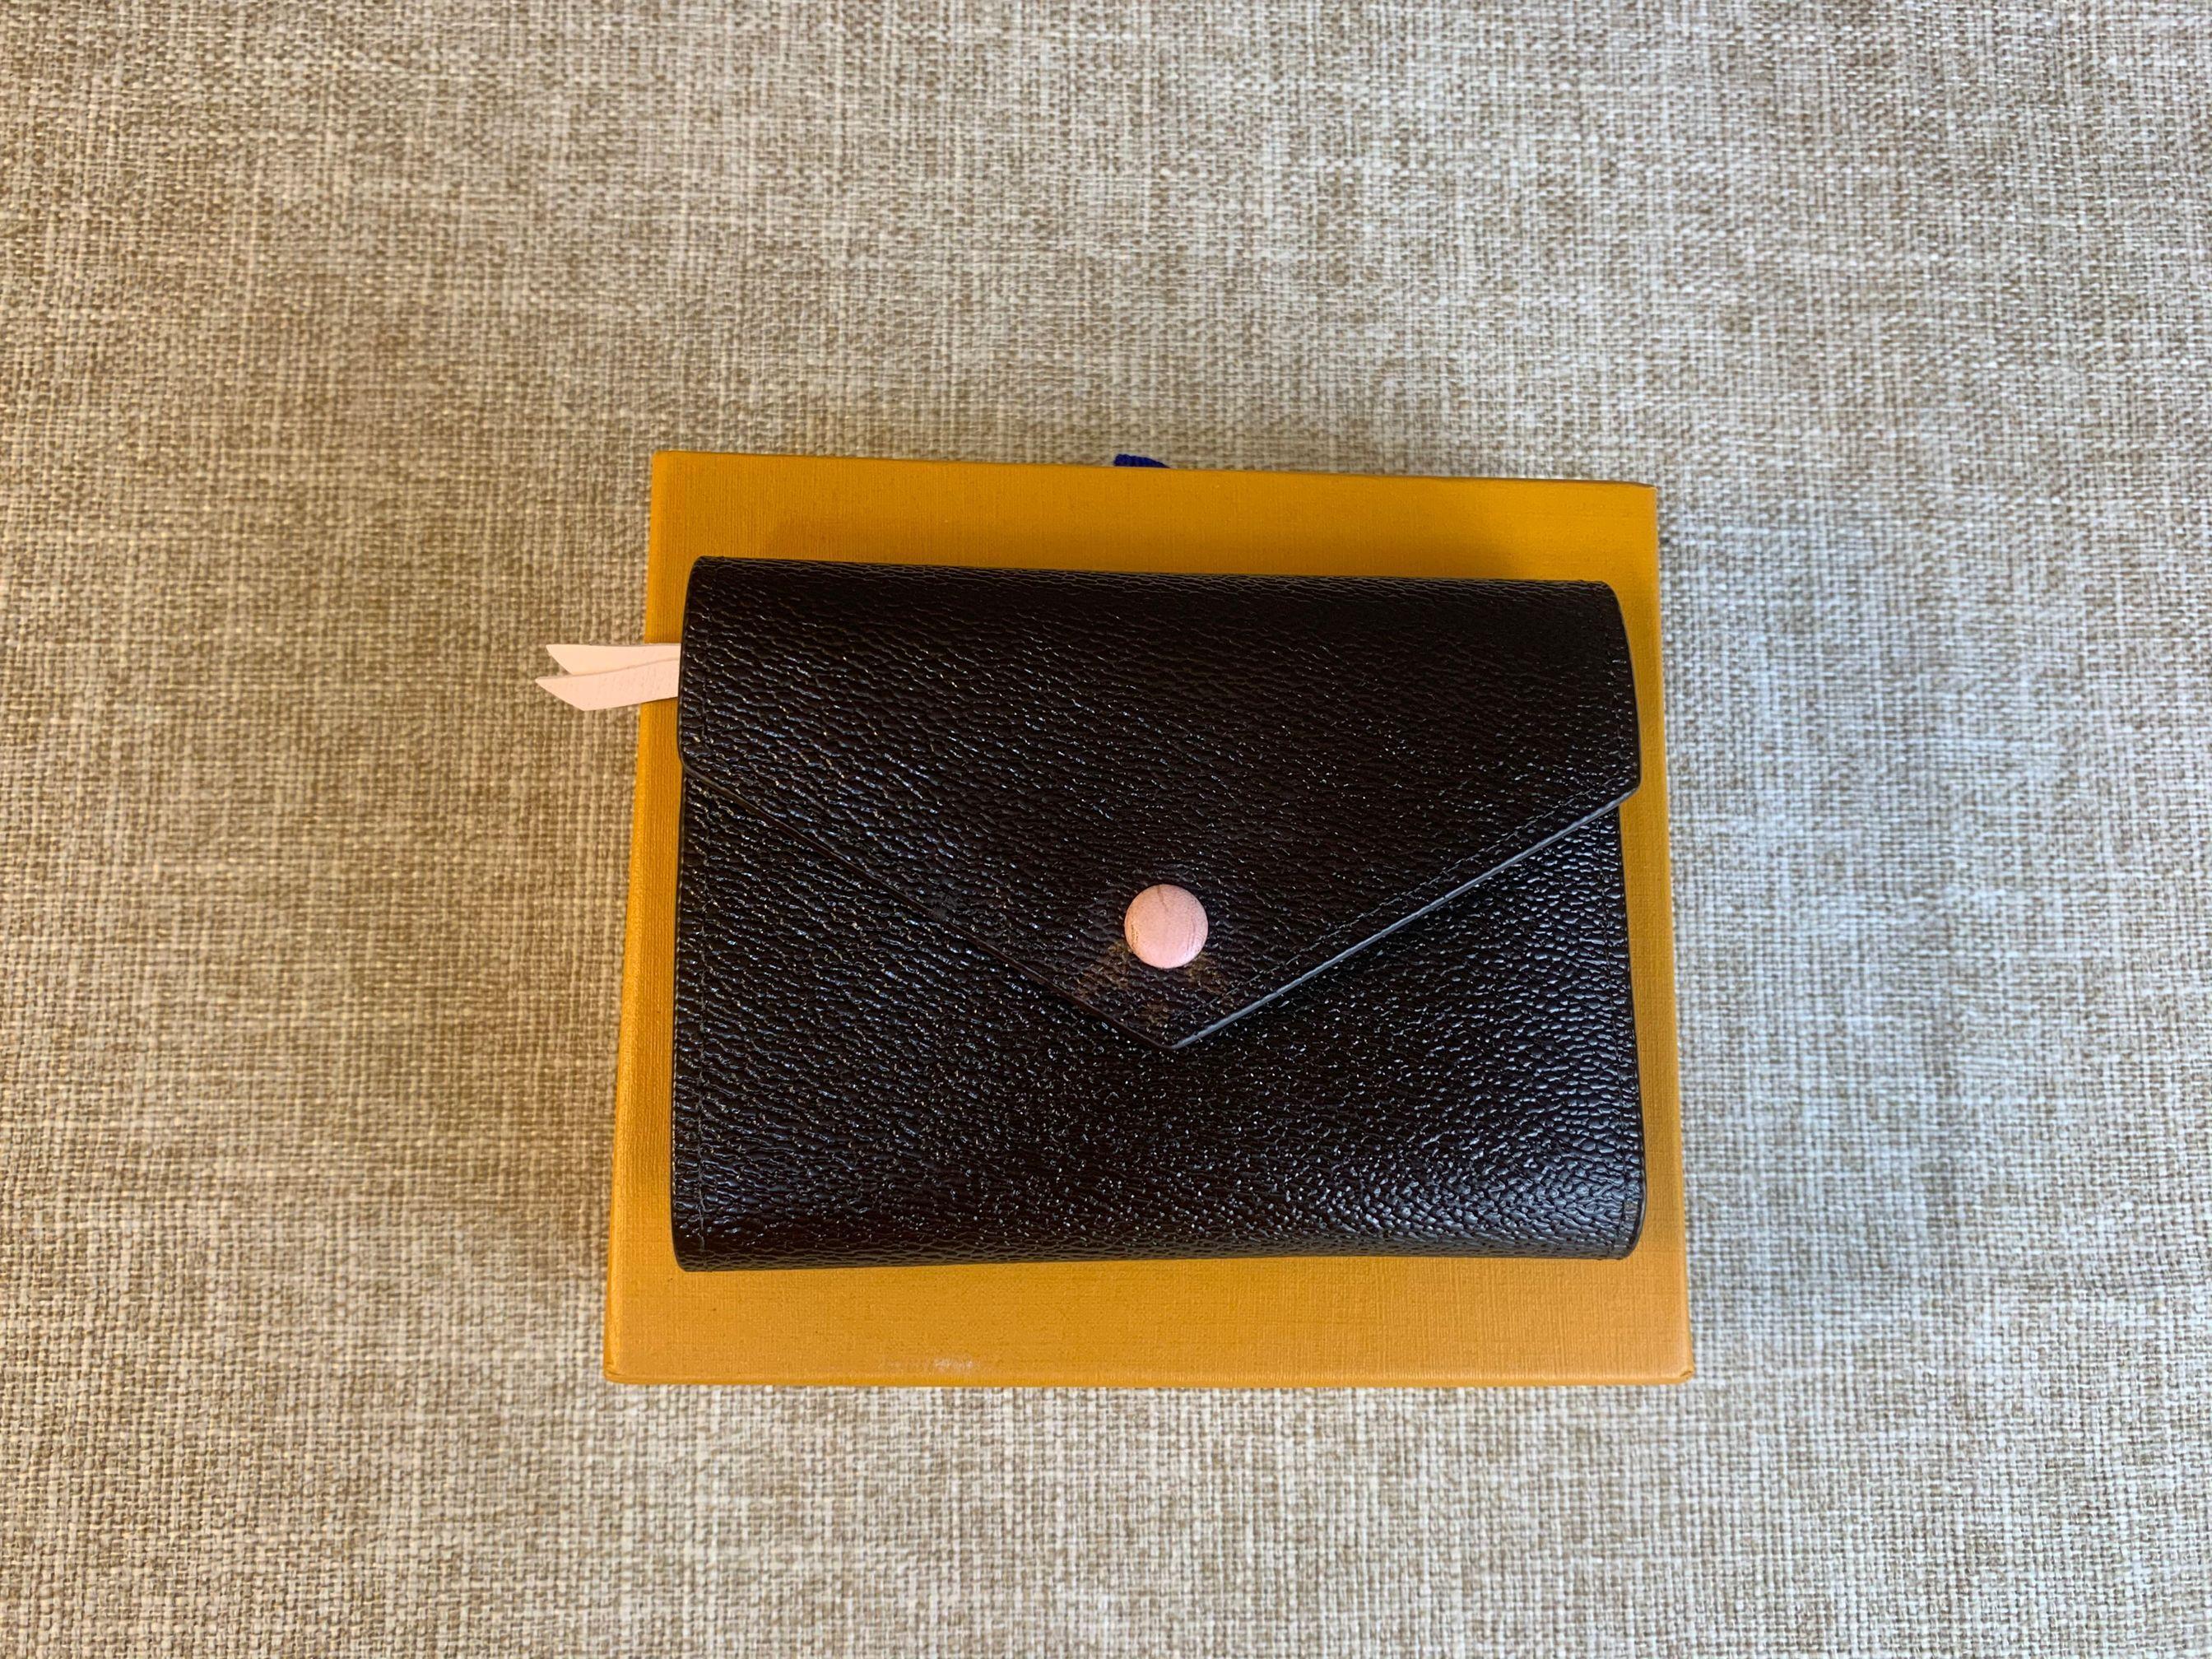 Menina carteira carteiras bolsa de cintura 2020 homens bolsa de mensageiro bolsa de couro único claeuess mulheres venda quente velocidade rápido e com caixa